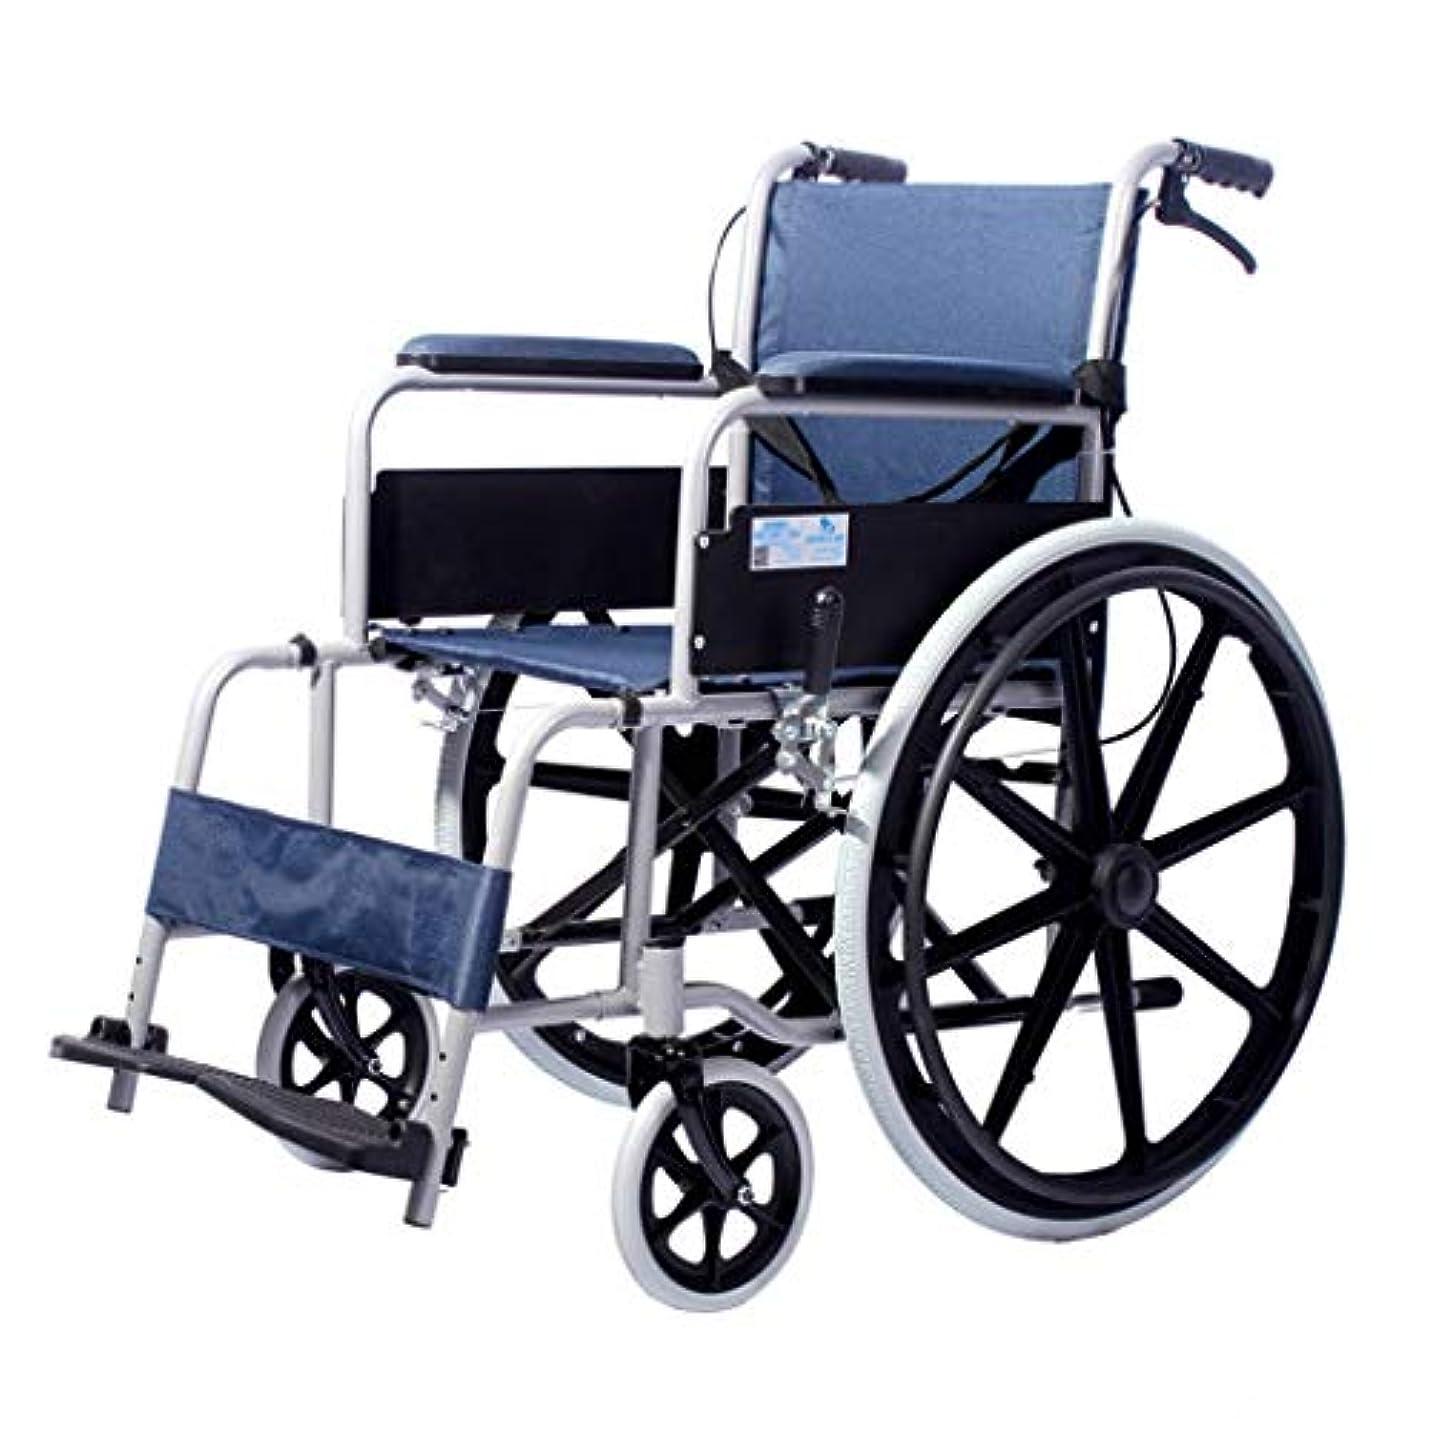 スポンサー言及するトムオードリース車椅子用トロリーは高齢者に適し、身体障害者用です。フットペダルは調整可能です。手動車椅子折りたたみ式デザイン